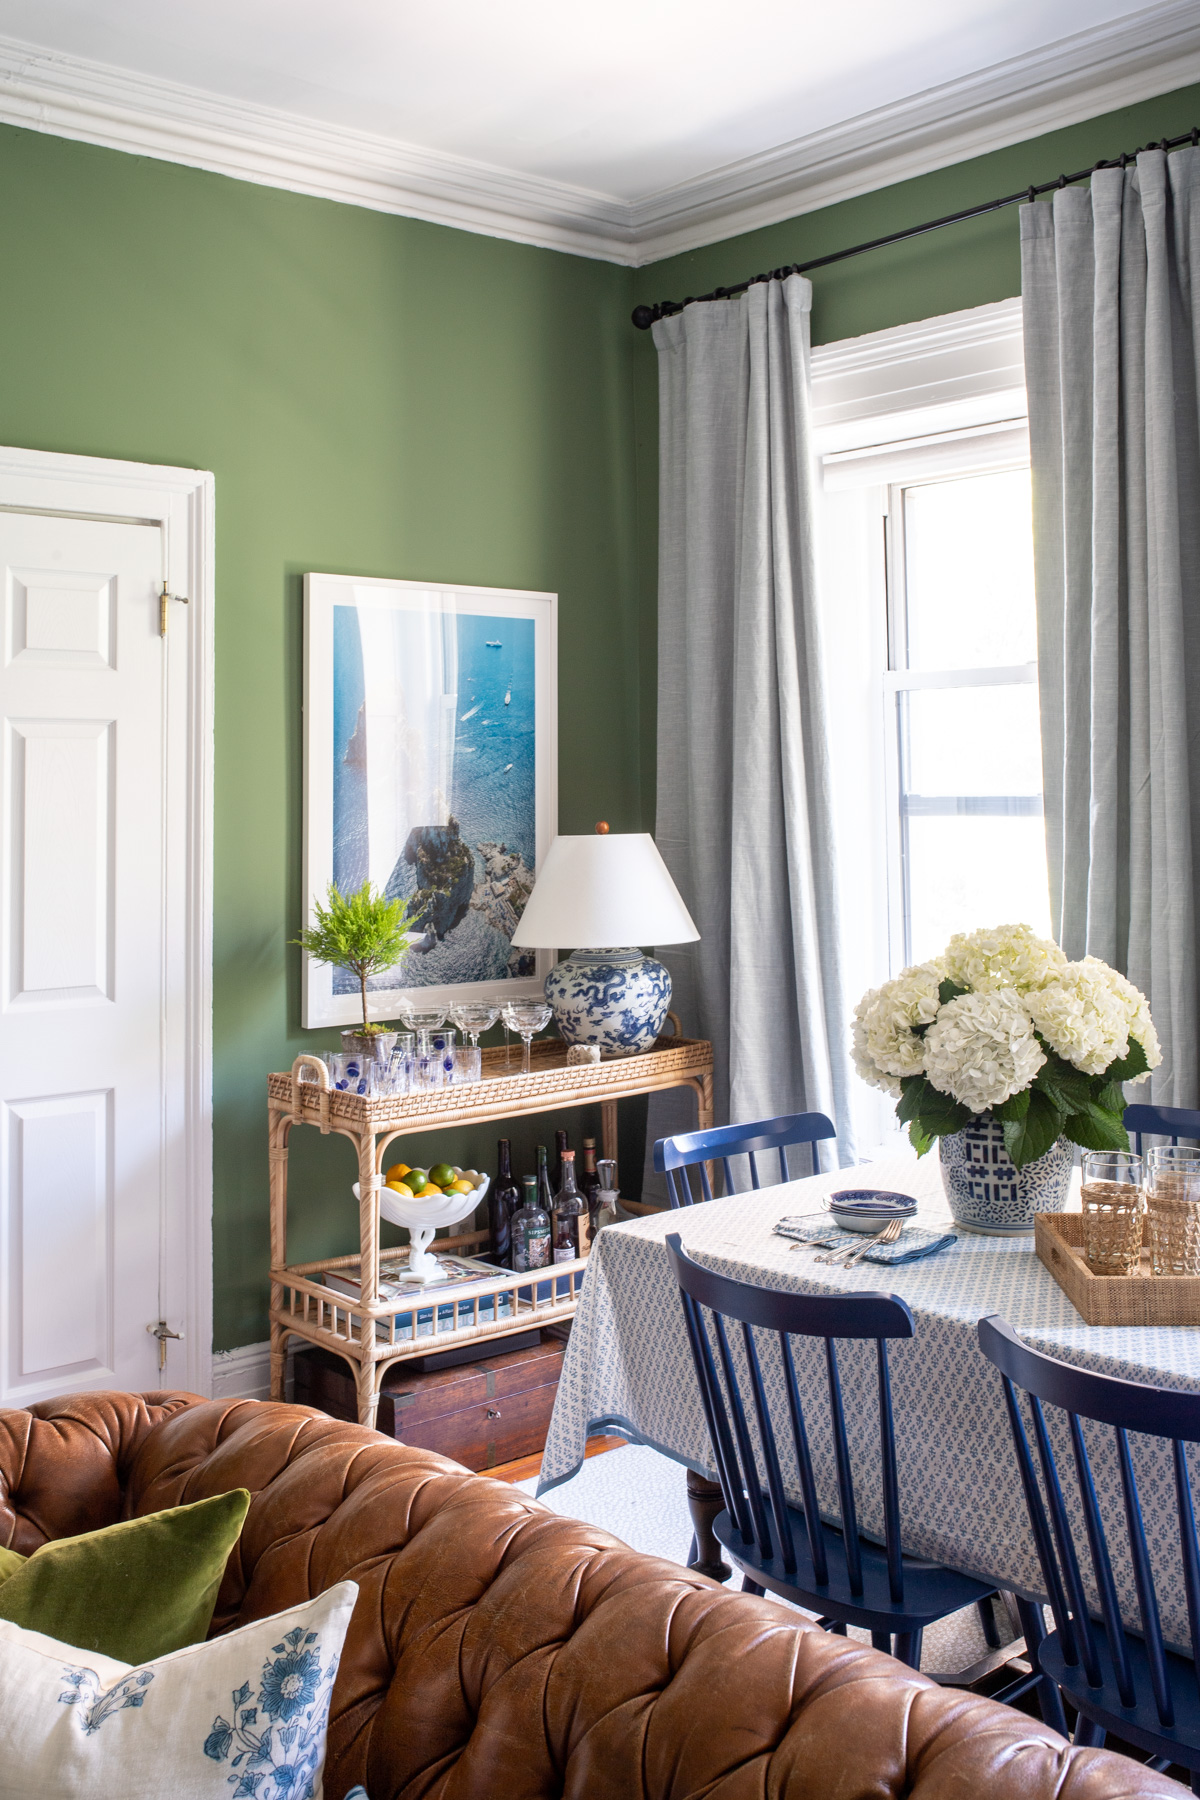 Stacie Flinner x NY Apartment Tour Living Room-20.jpg